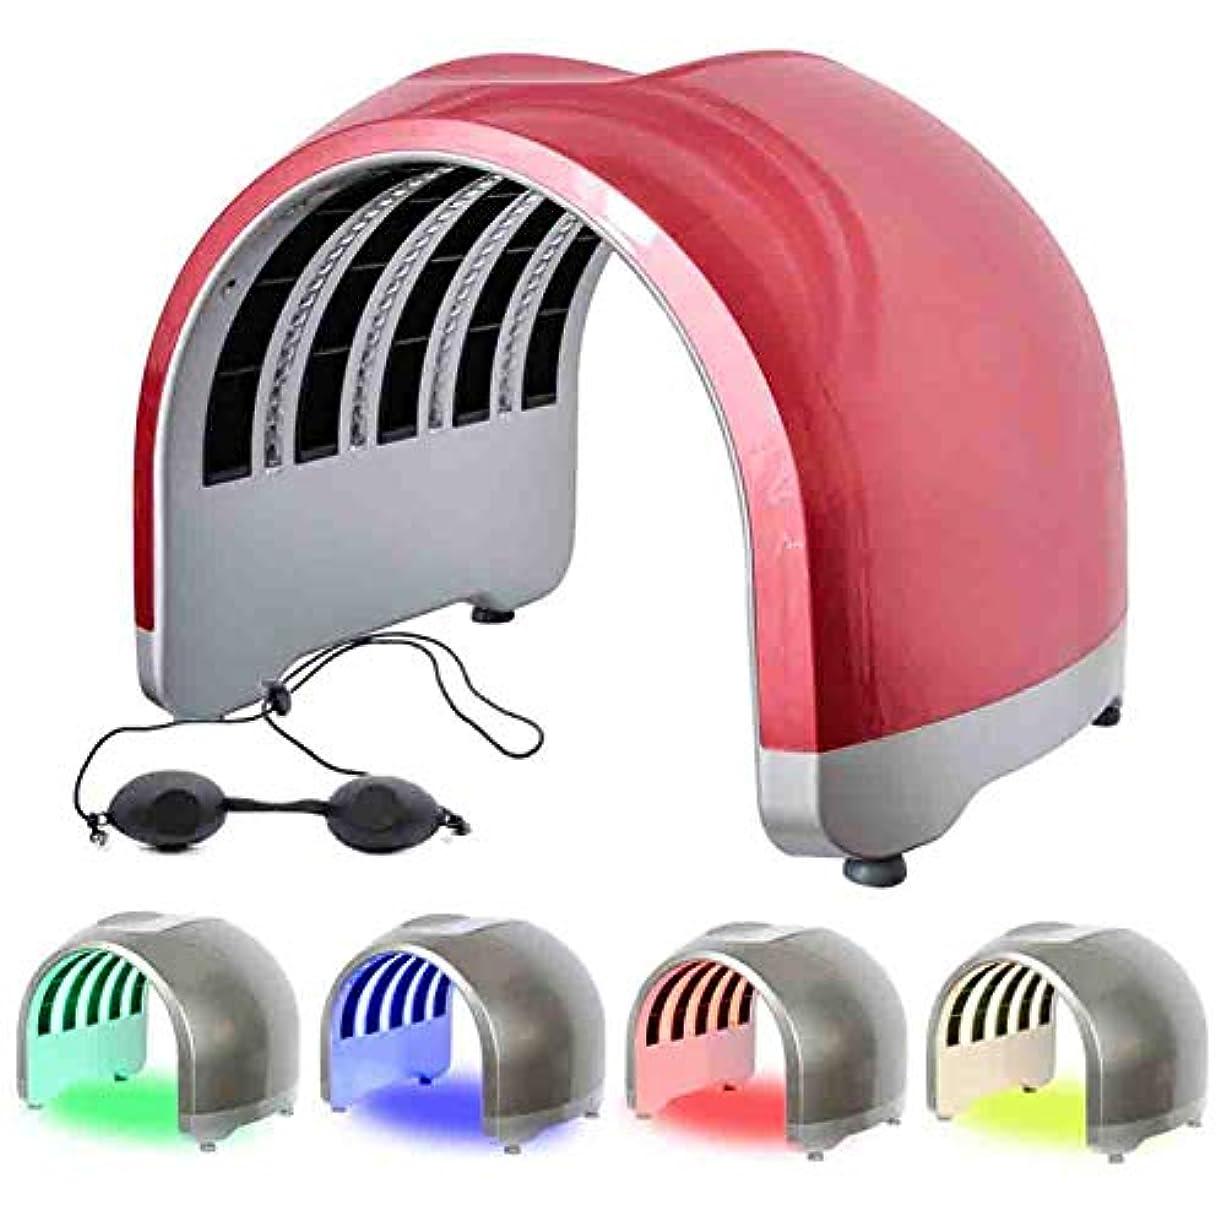 中エンティティテレビPDT 4色のライトセラピーLED美容光線力学にきび治療スキンケアマシン若返りフェイシャル・マシンマスク,2